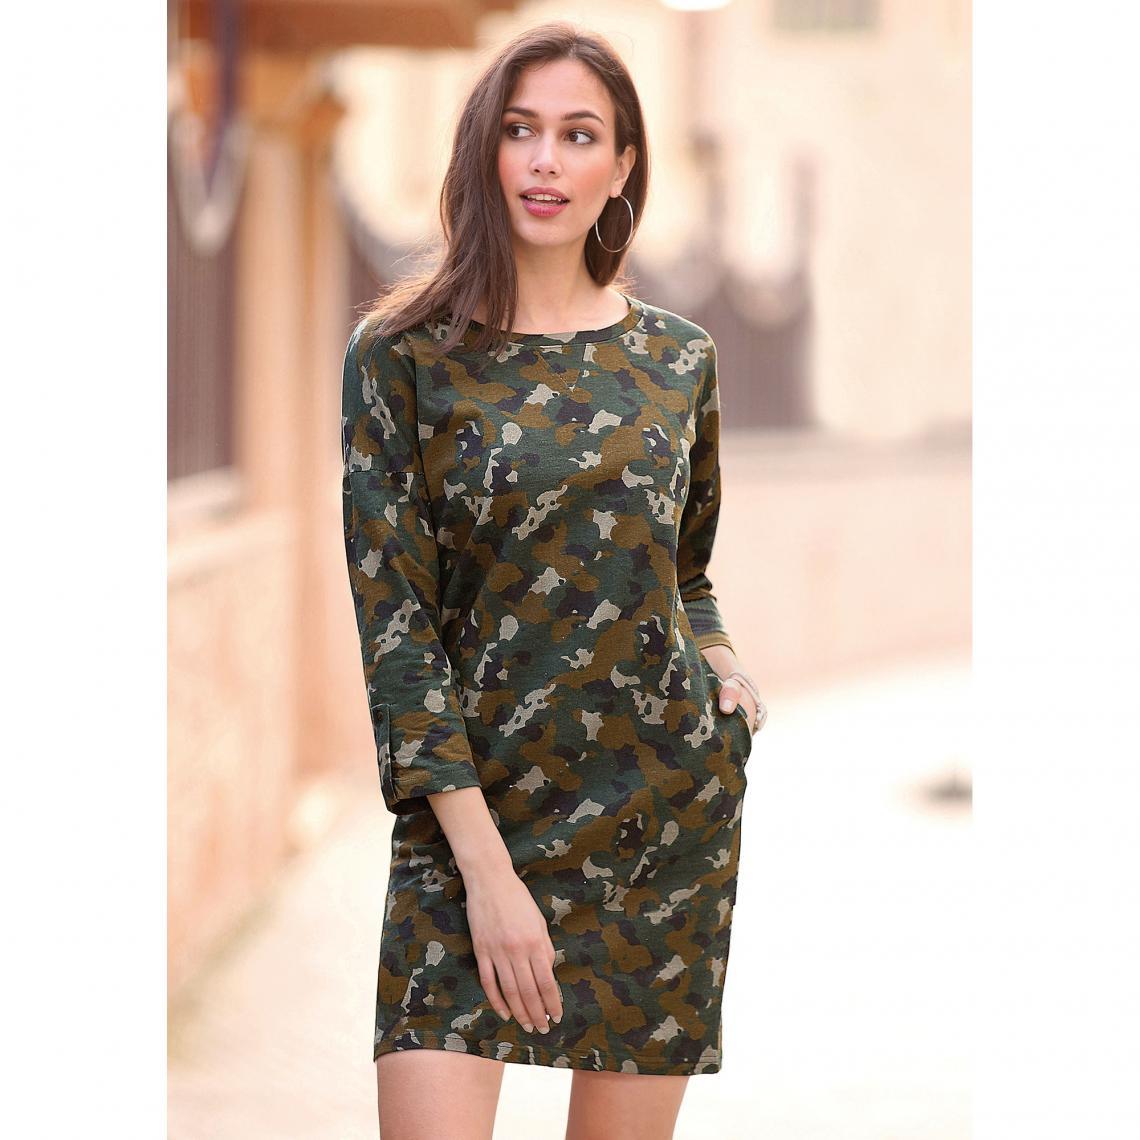 5657a0df68b Robe courte imprimée manches 3 4 et poches femme - Imprimé Kaki Venca Femme